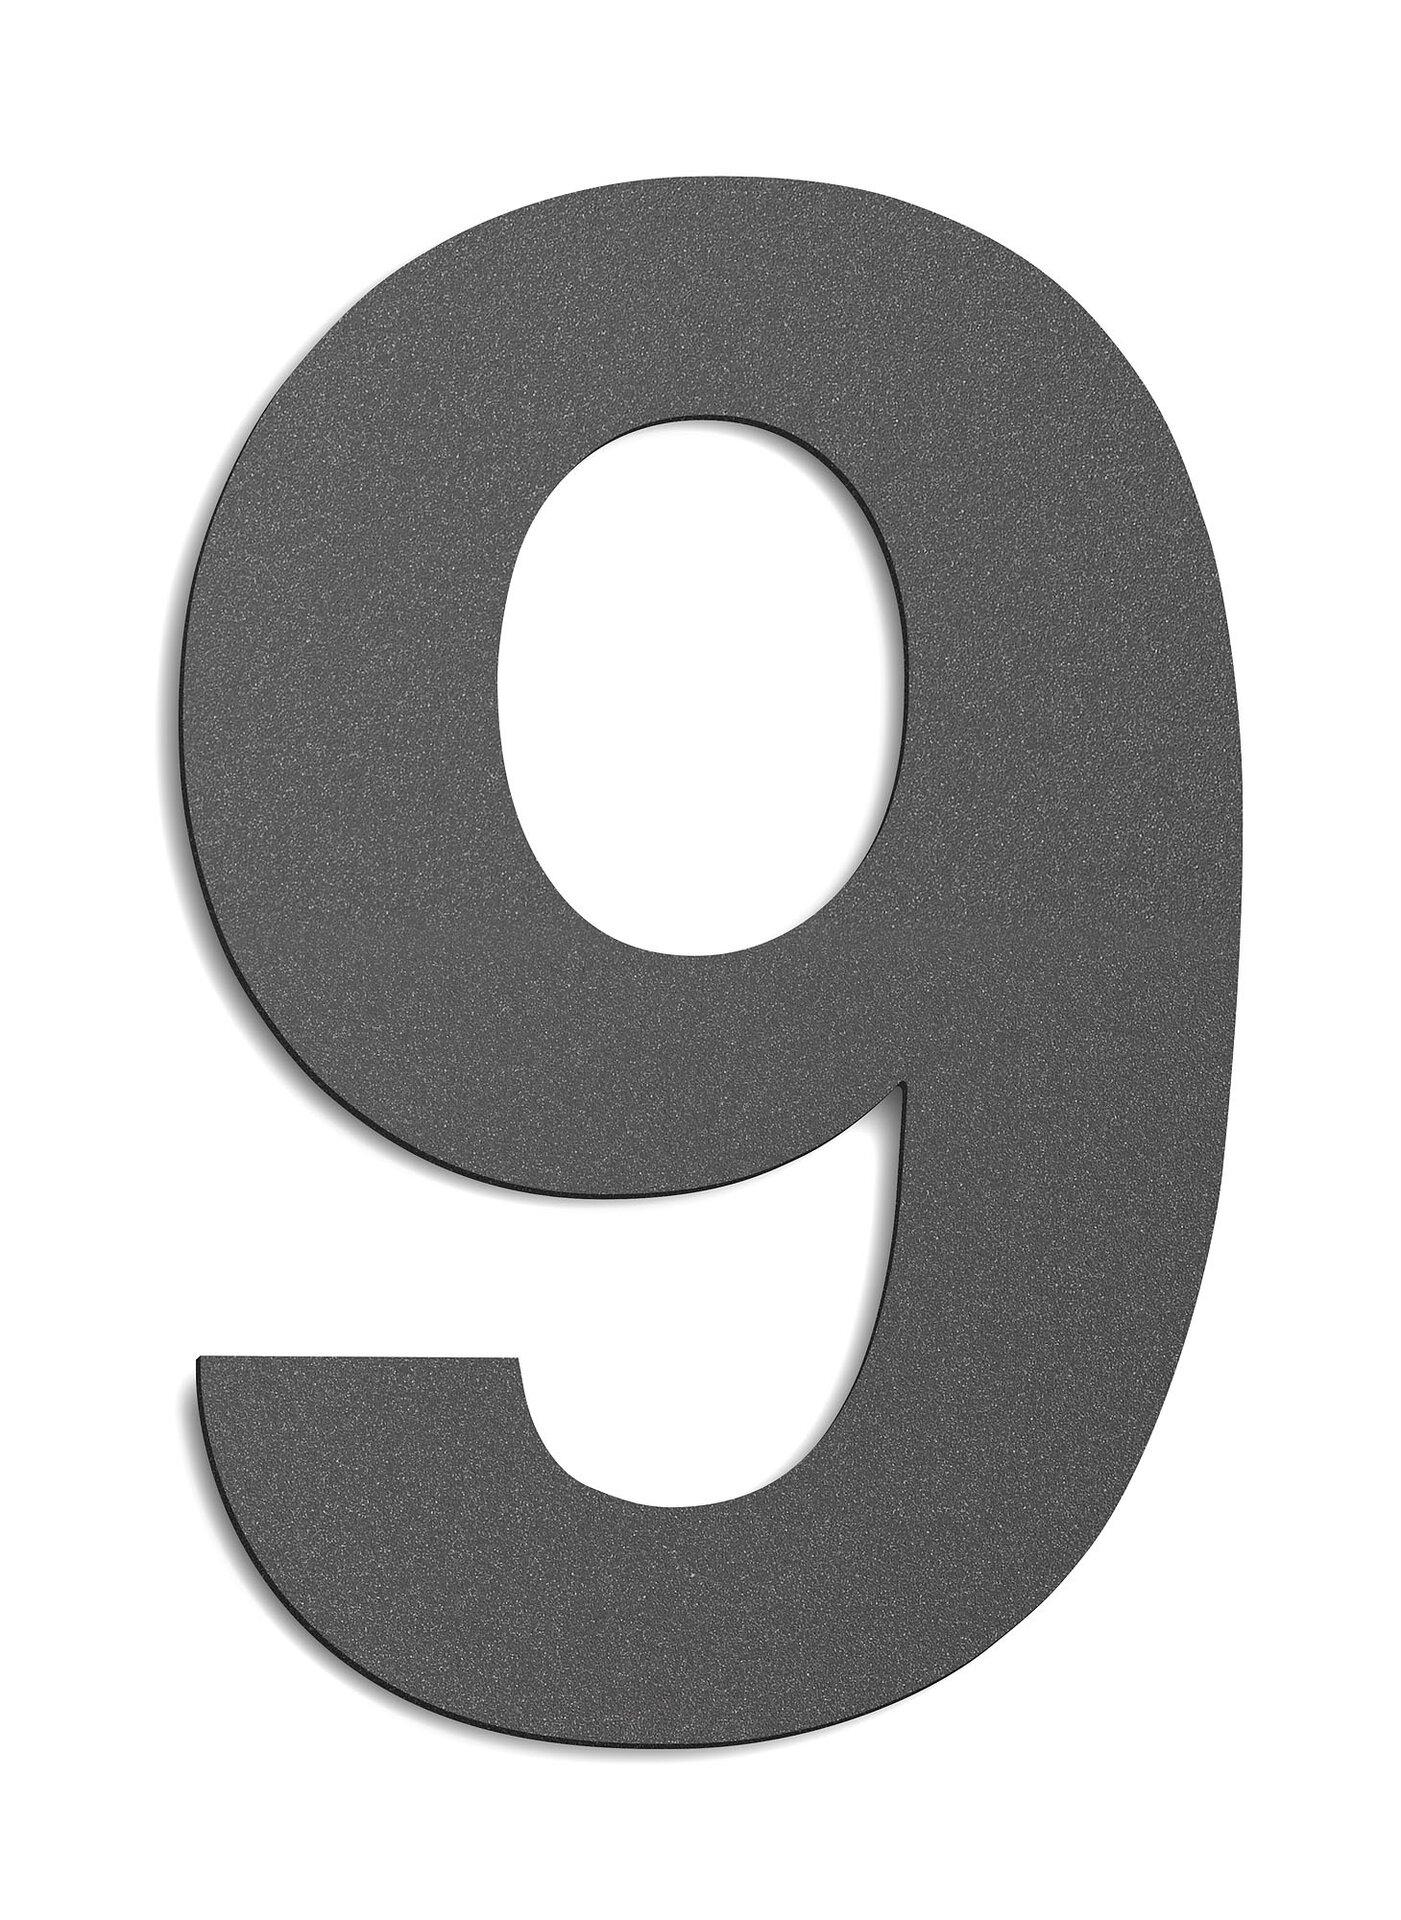 Hausnummer CMD Metall grau 14 x 25 x